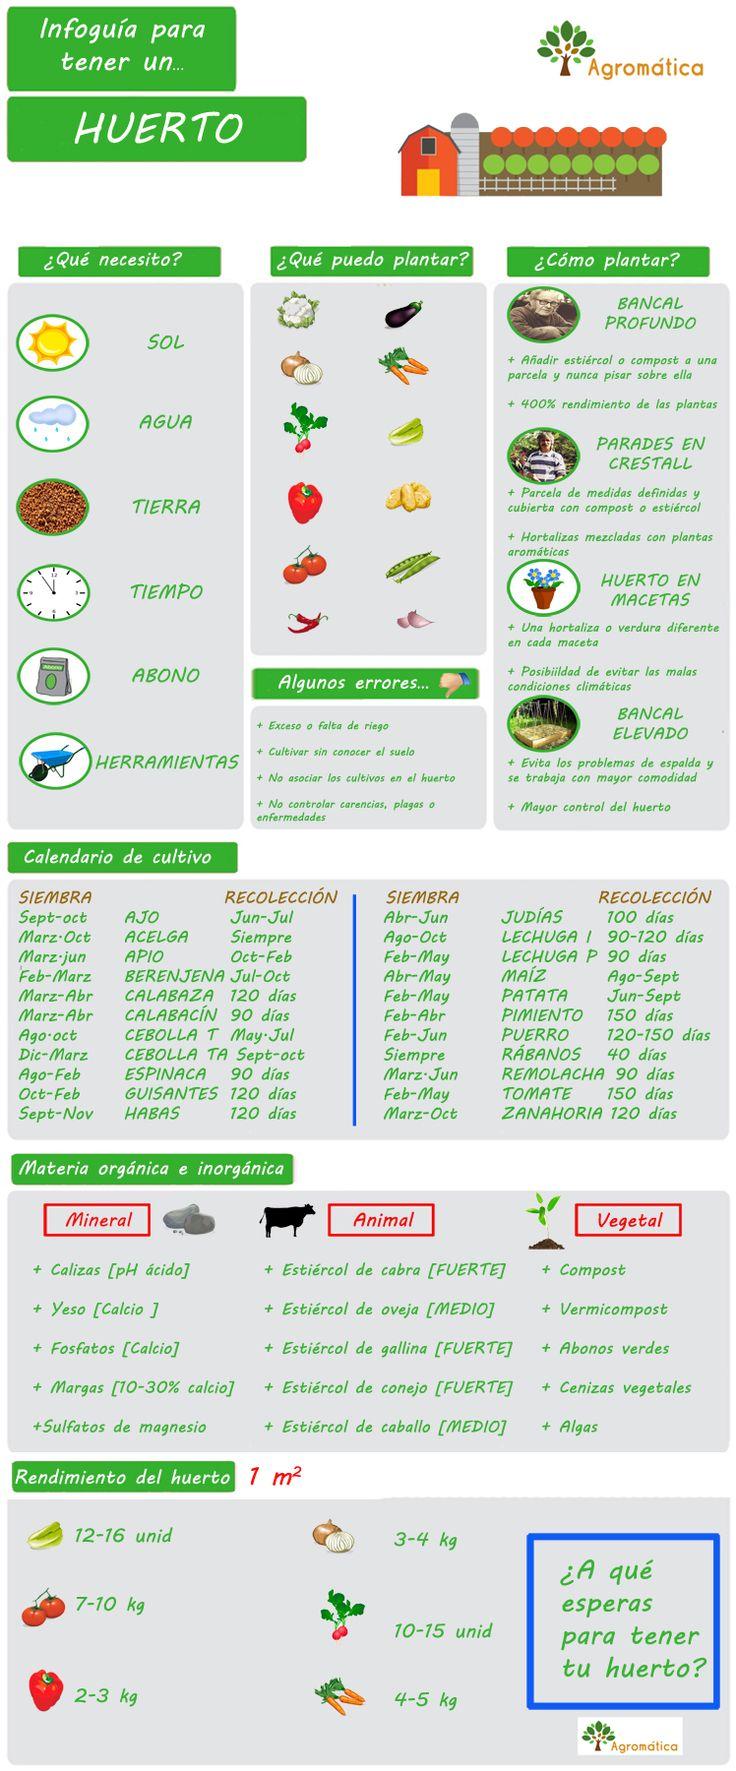 Infografía sobre cómo montar un huerto - Agromática